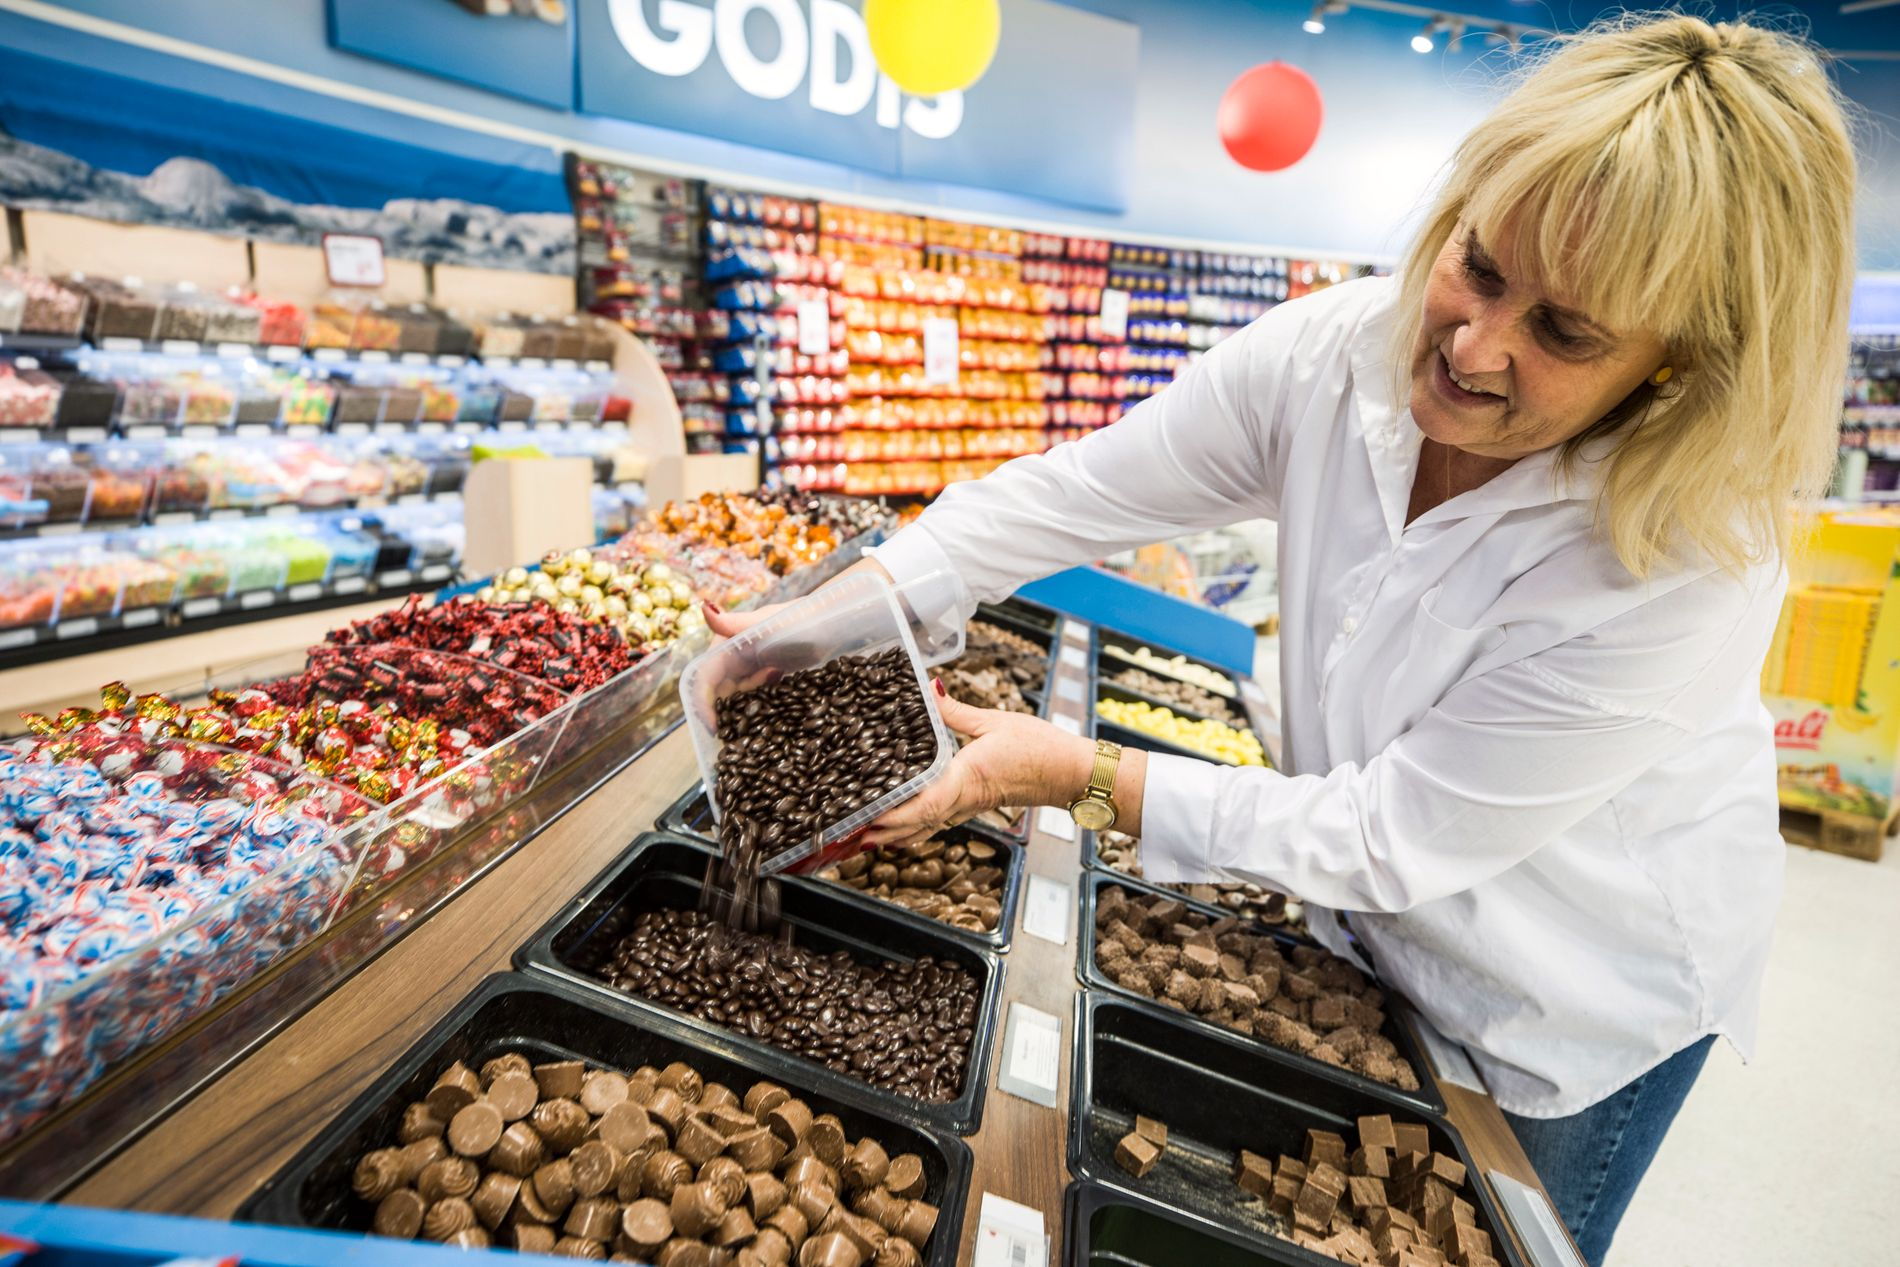 LER HELE VEIEN TIL GODTERIET: Butikksjef Heidi Fouganthin ved Nordby supermarked selger godteri for 69 kroner kiloen. I Norge blir prisen fra nyttår trolig rundt 168 kroner.